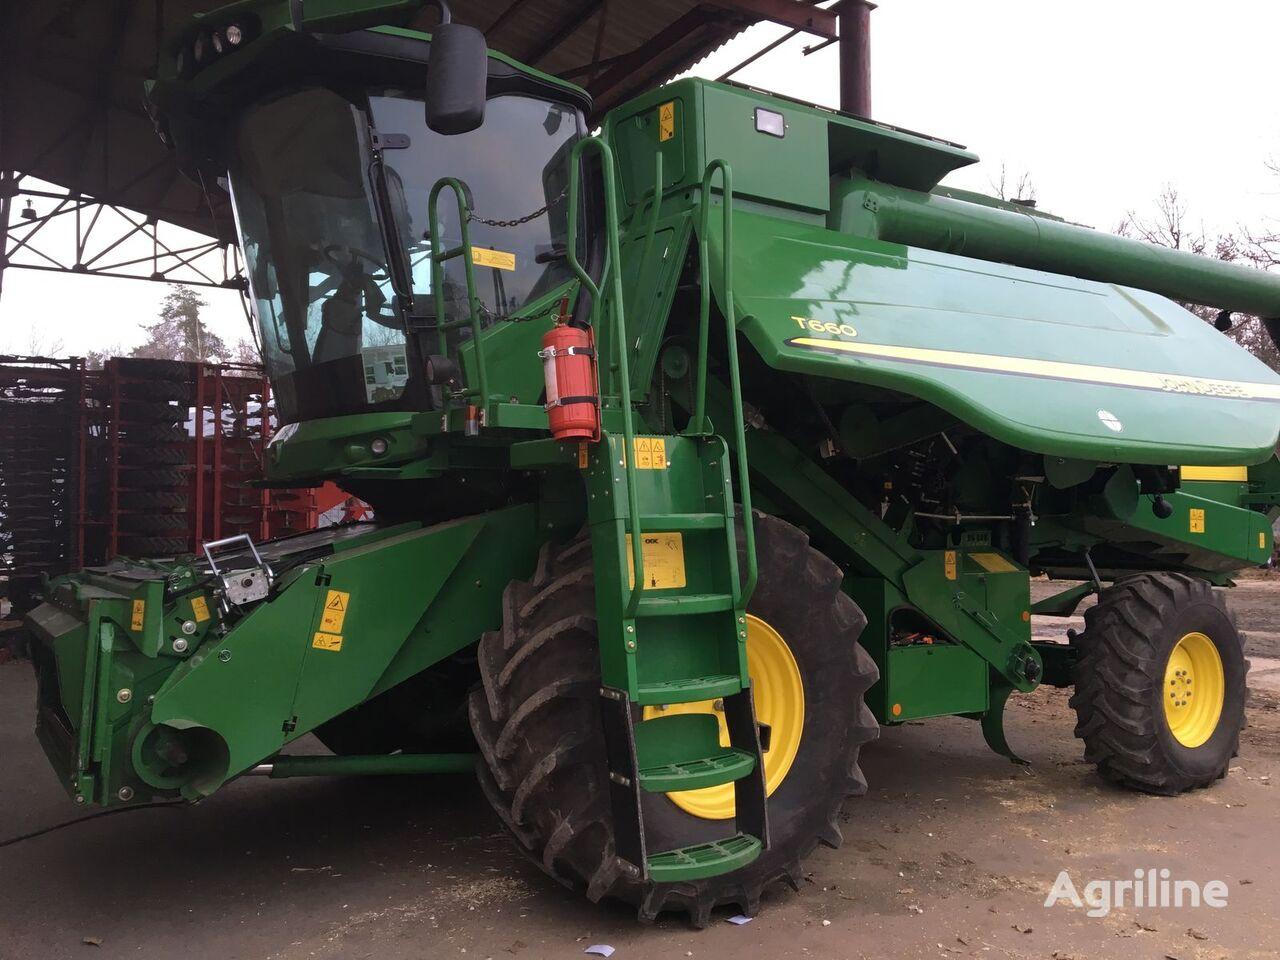 JOHN DEERE T660 grain harvester